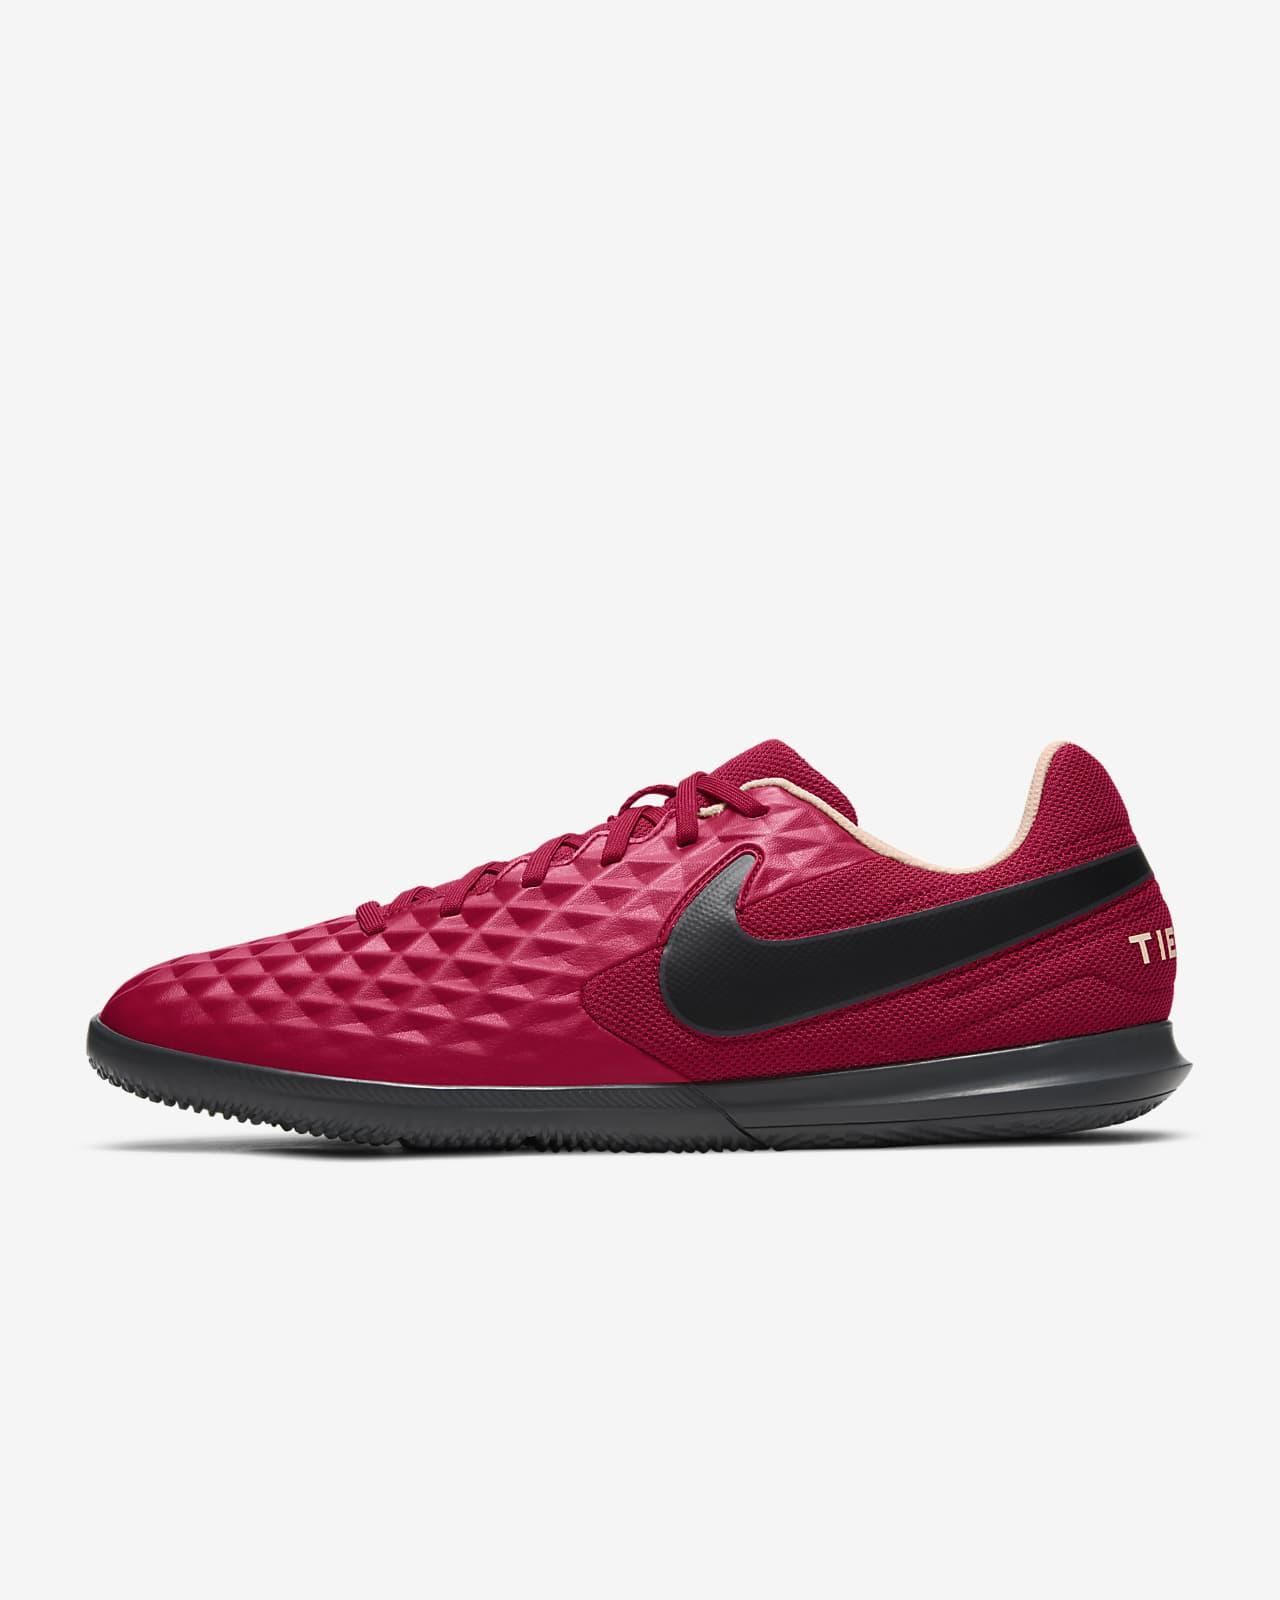 Nike Legend 8 Club IC 男/女室内球场足球鞋